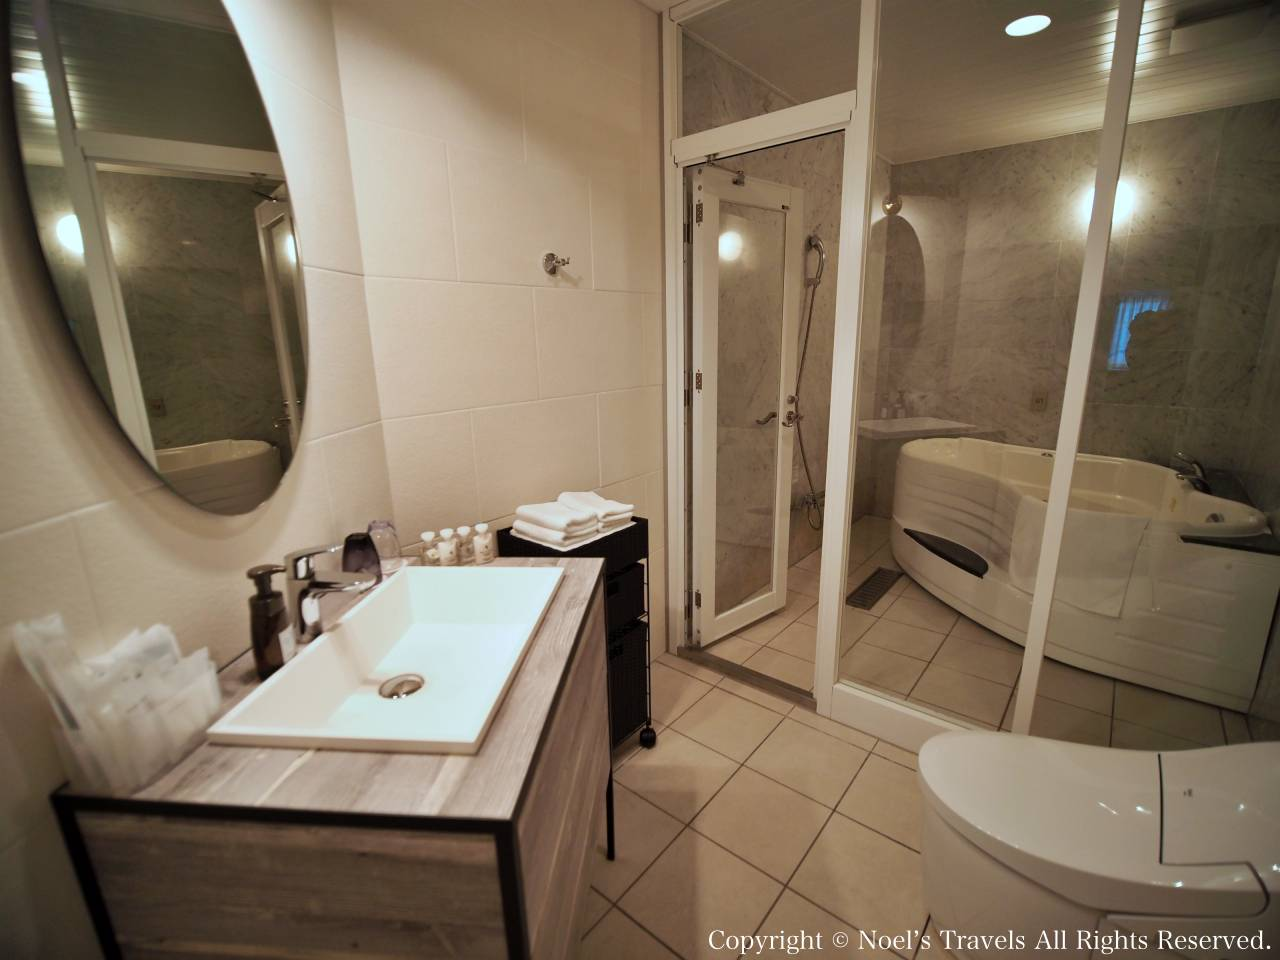 ヴィラ・サントリーニのバスルーム